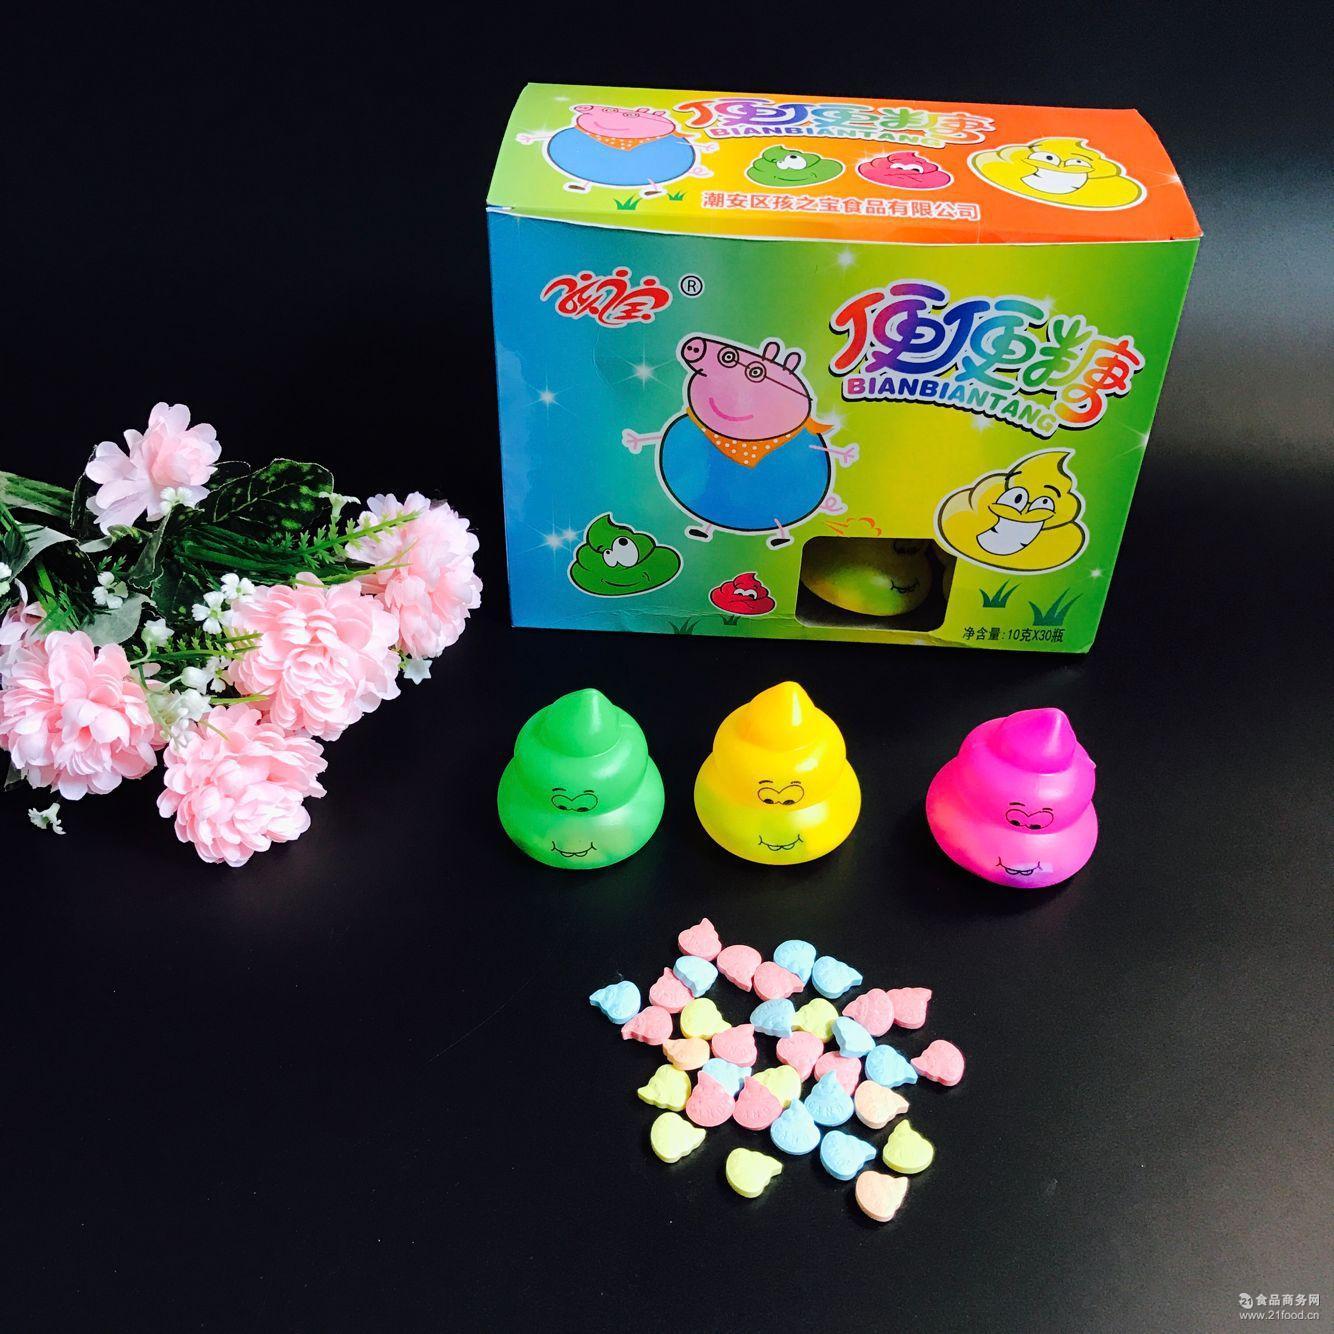 便便搞怪整蛊零食玩具 创意便便糖 孩之宝食品 压片糖果 厂家直销